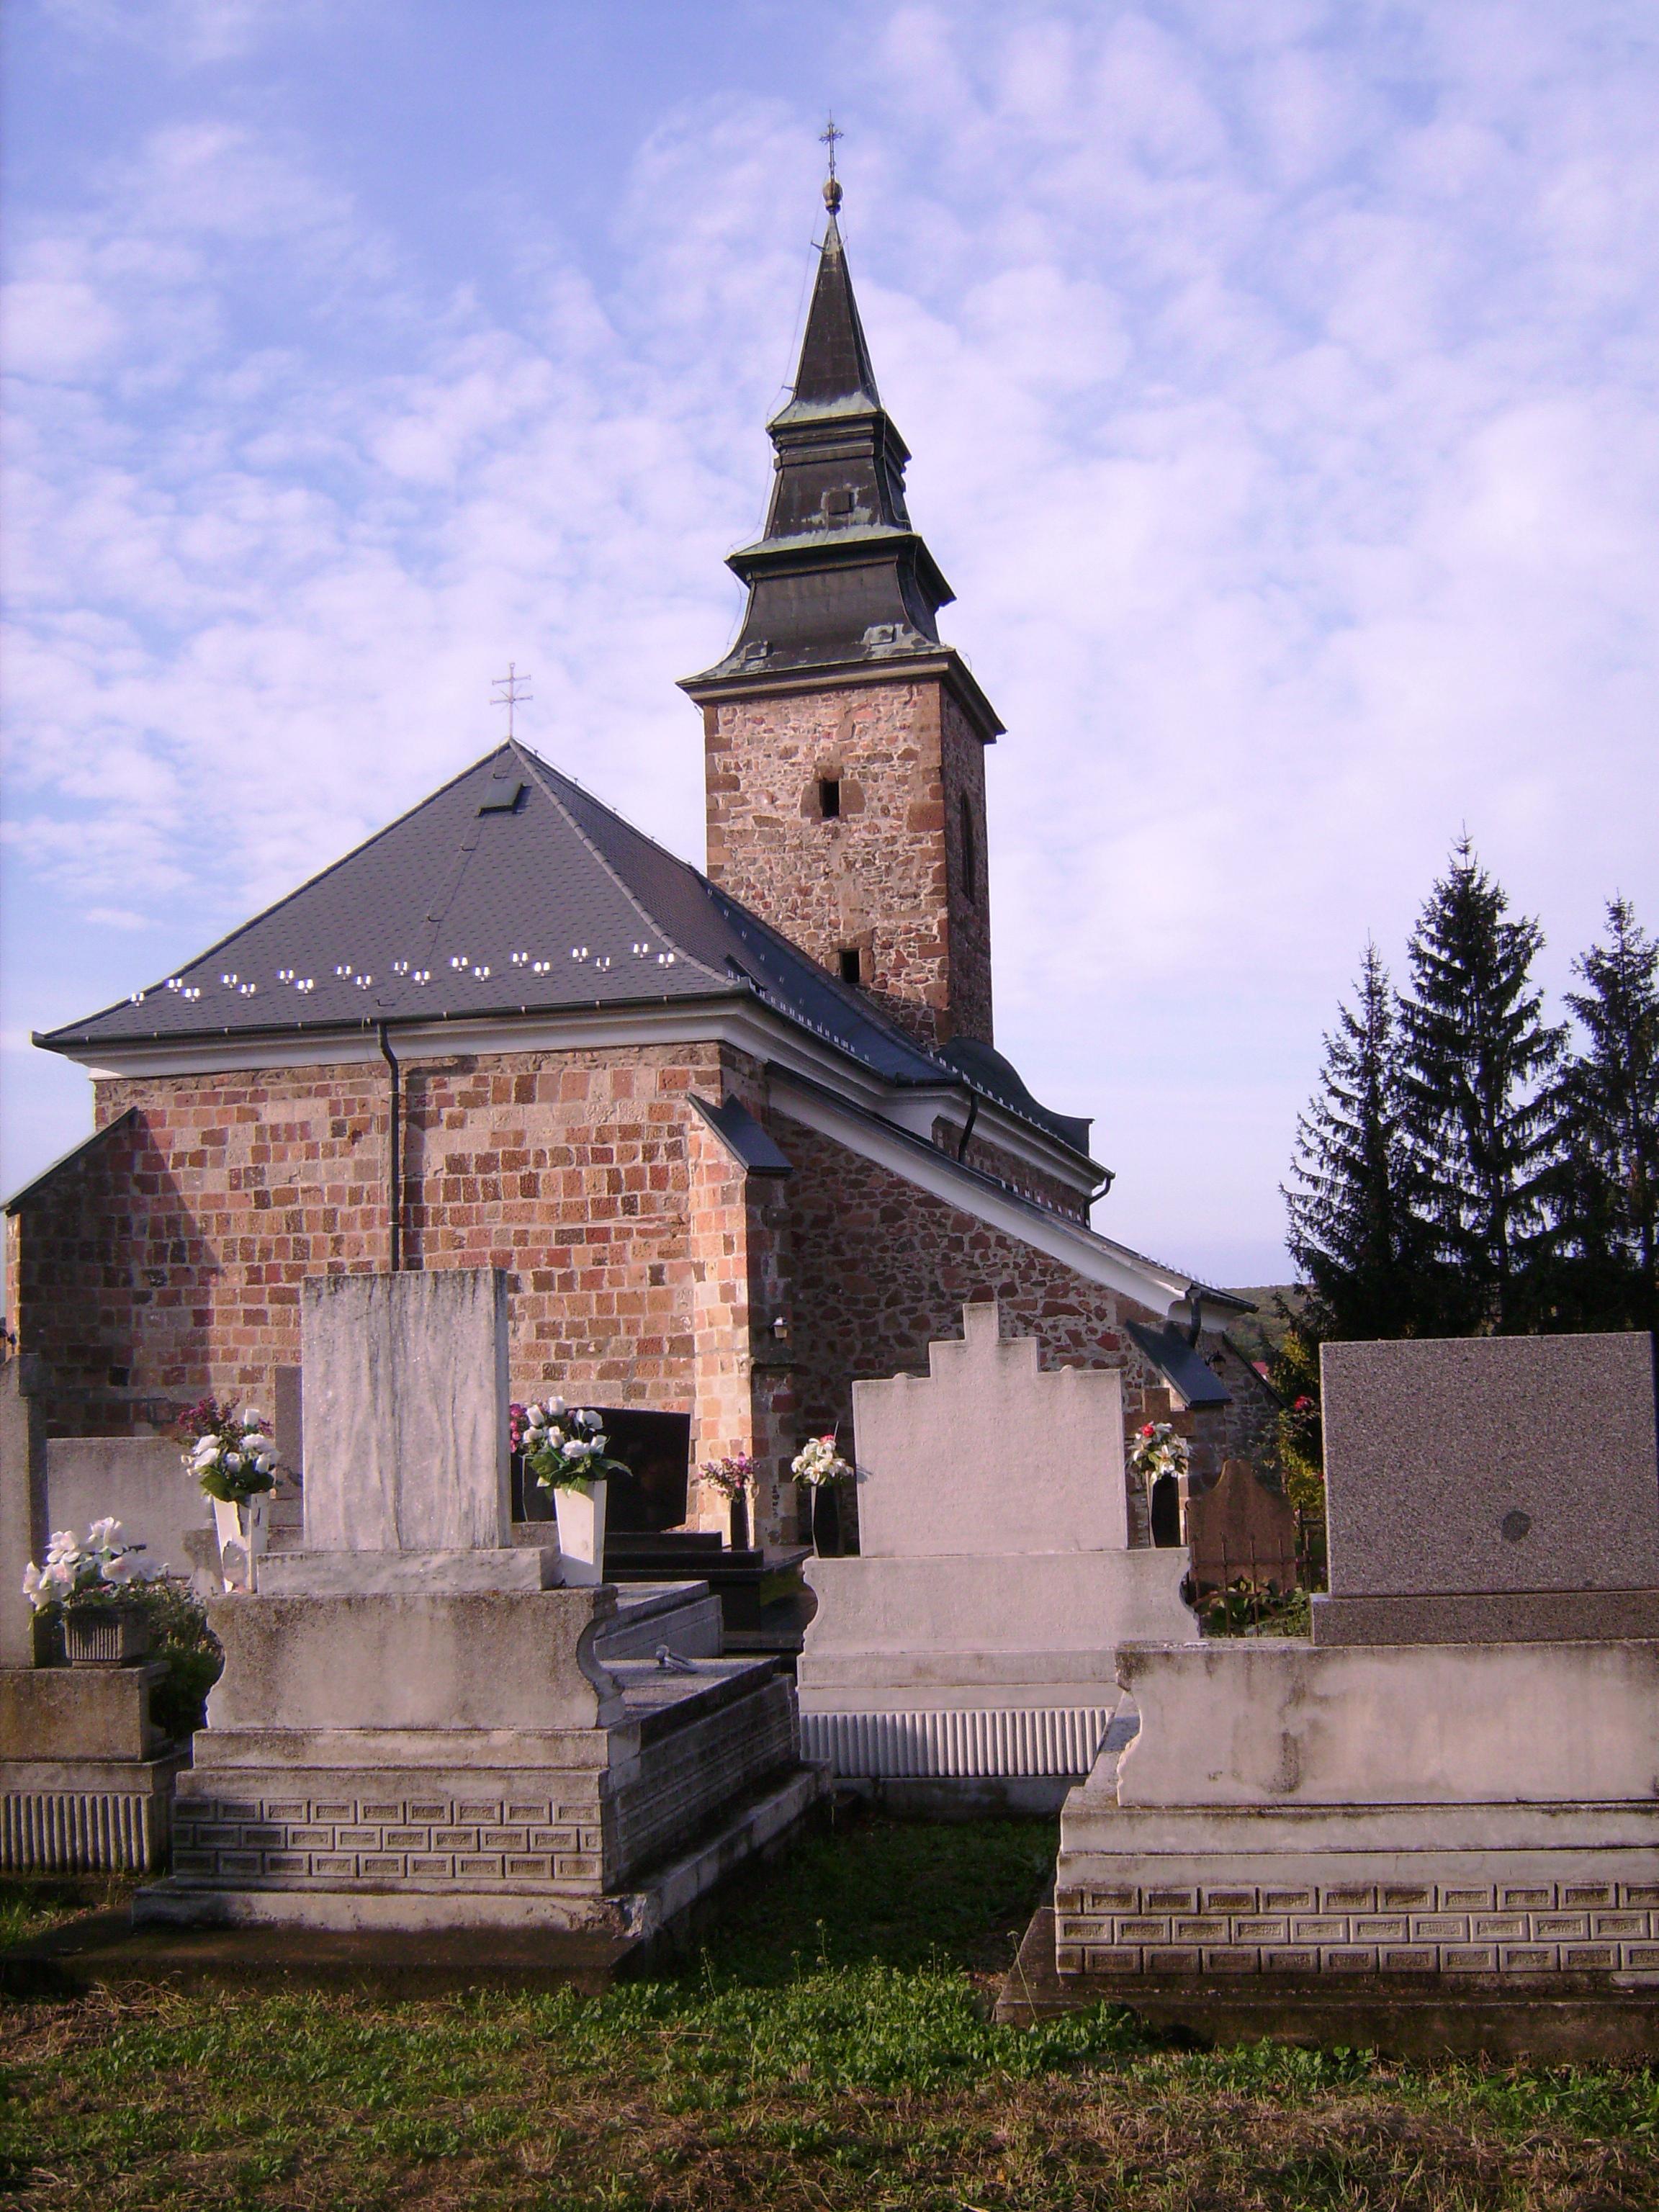 1958-as felújításakor kerültek elő XIII. századi, román kori részletei. Gótikus stílusban a XIV. században építették át.